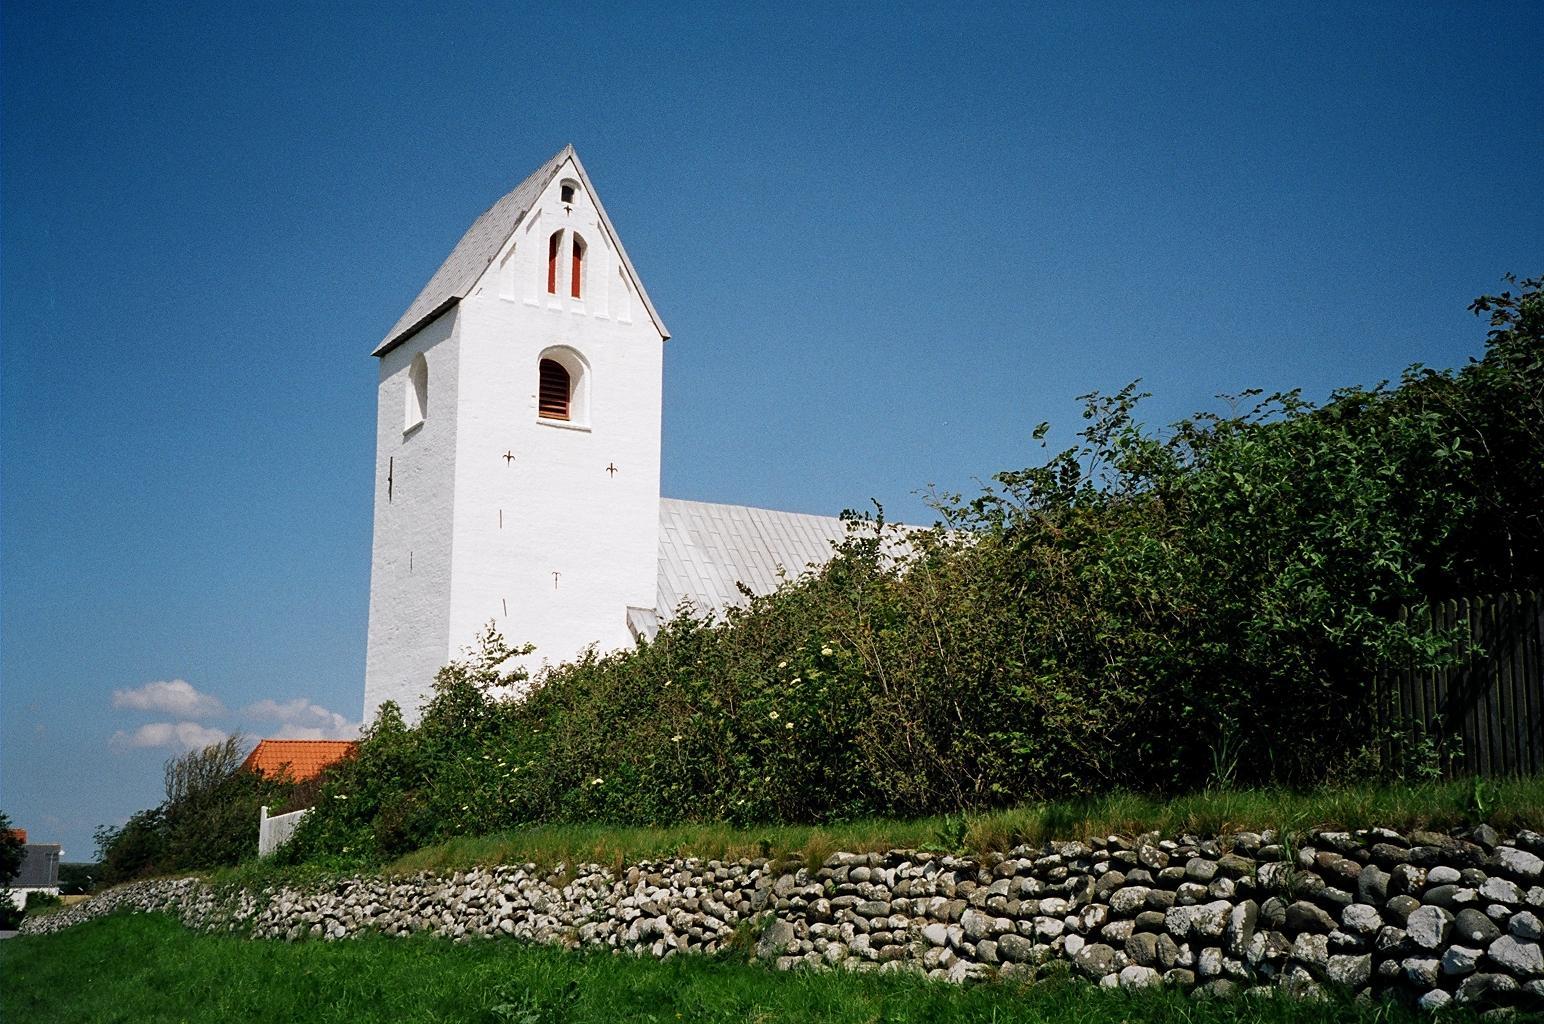 Lemvig - Thyborøn Turistforening